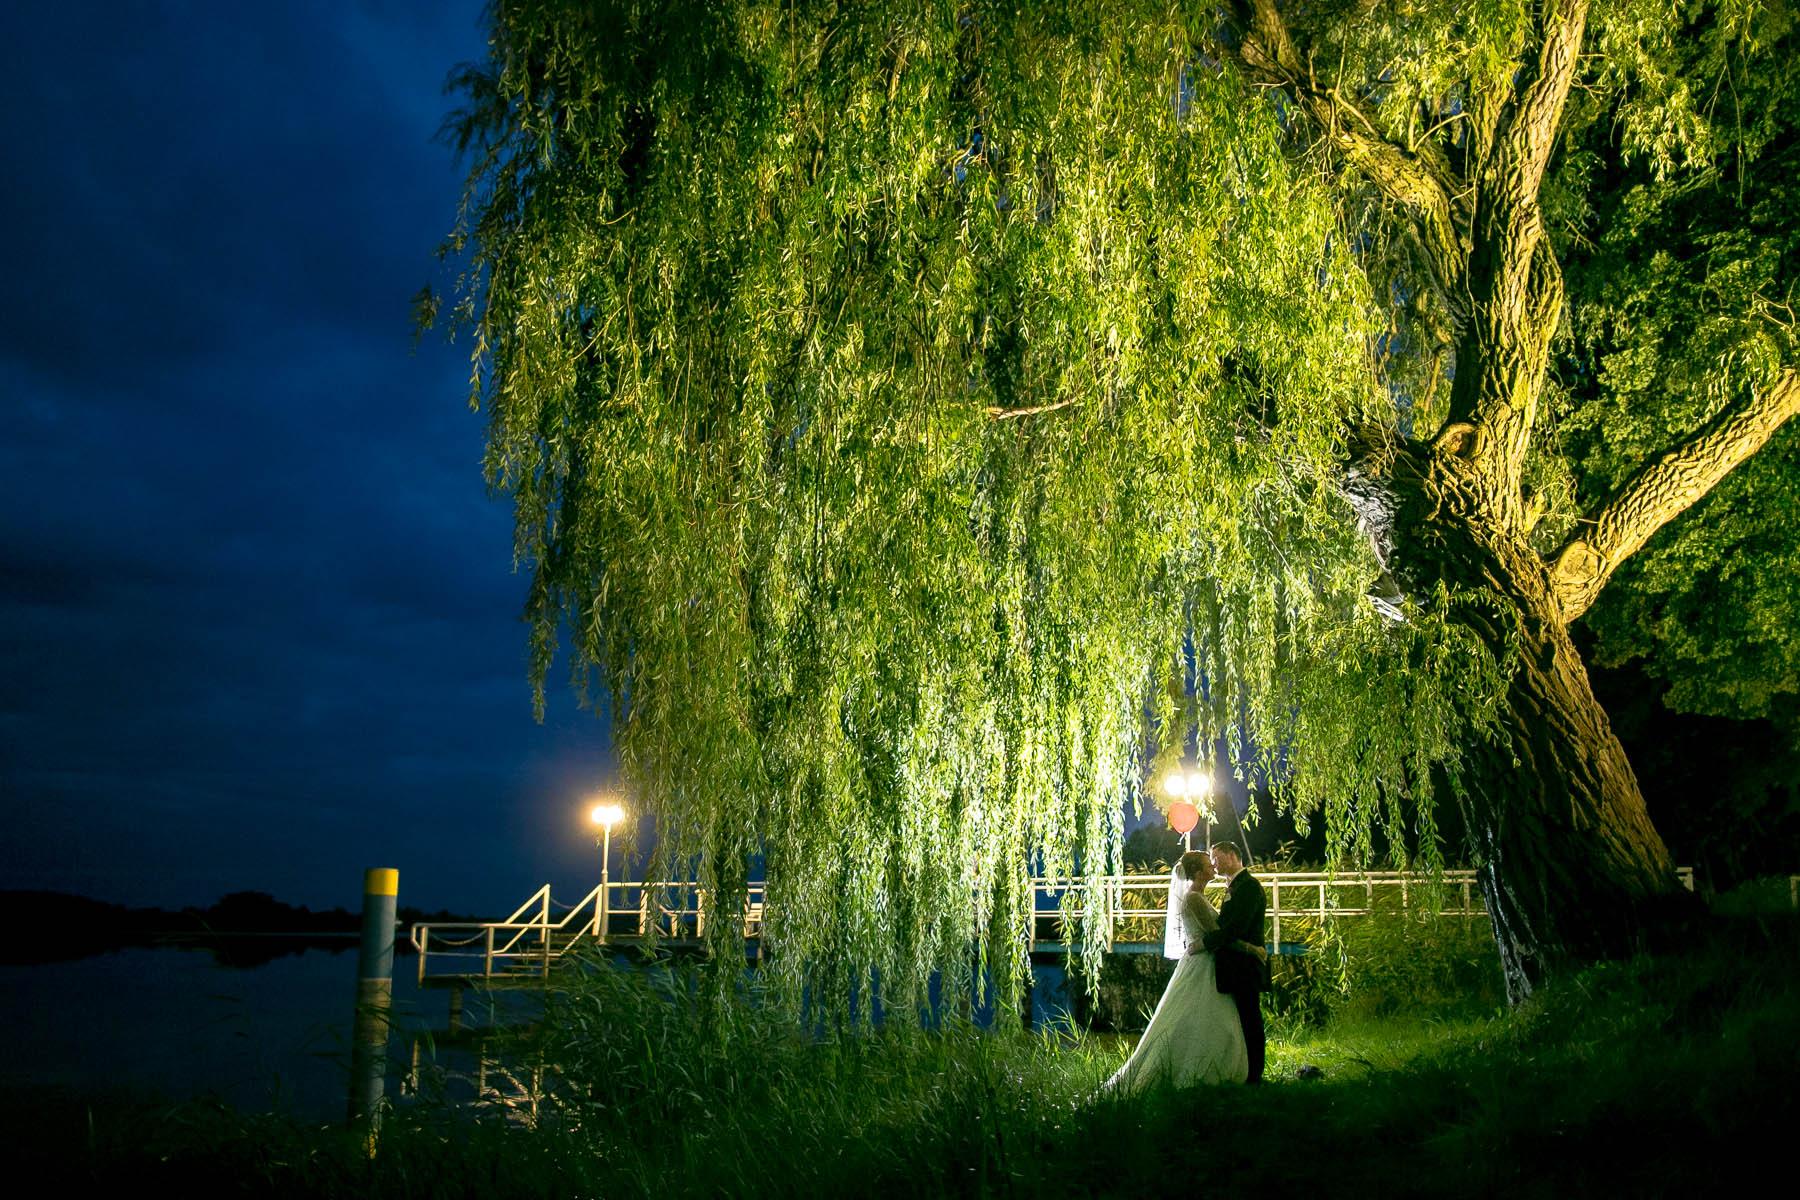 Bollmannsruh Hochzeit